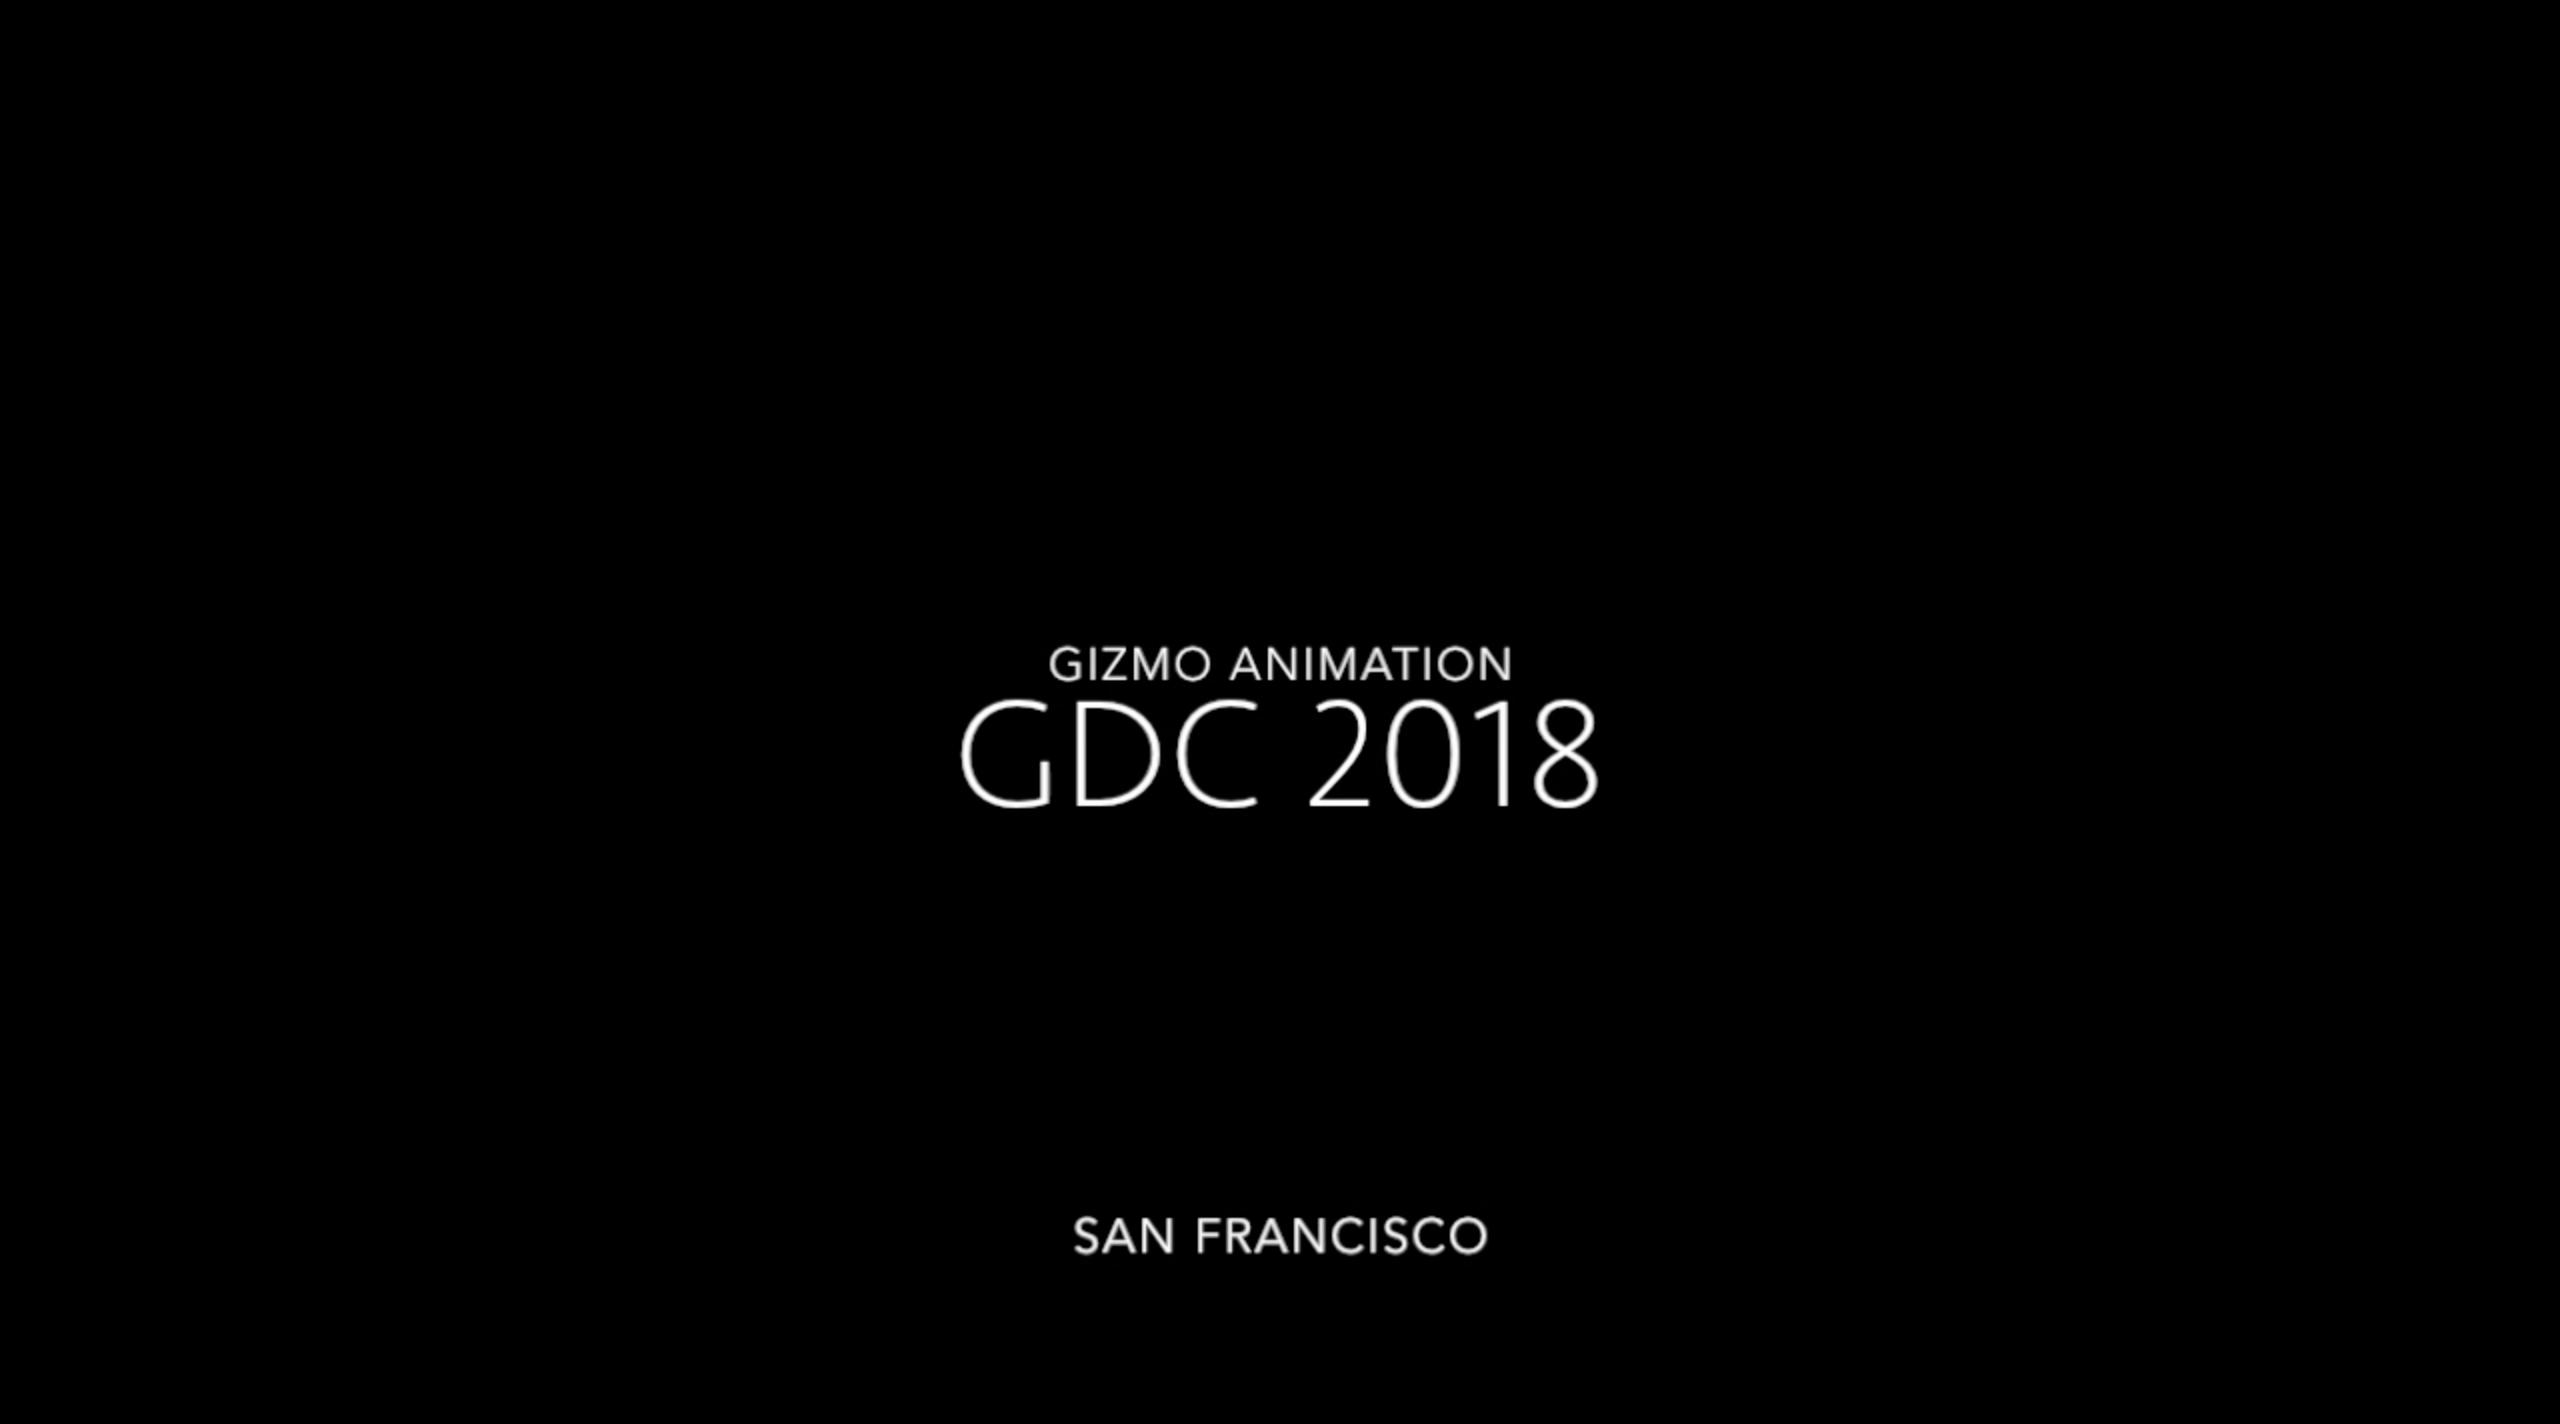 GDC 2018!